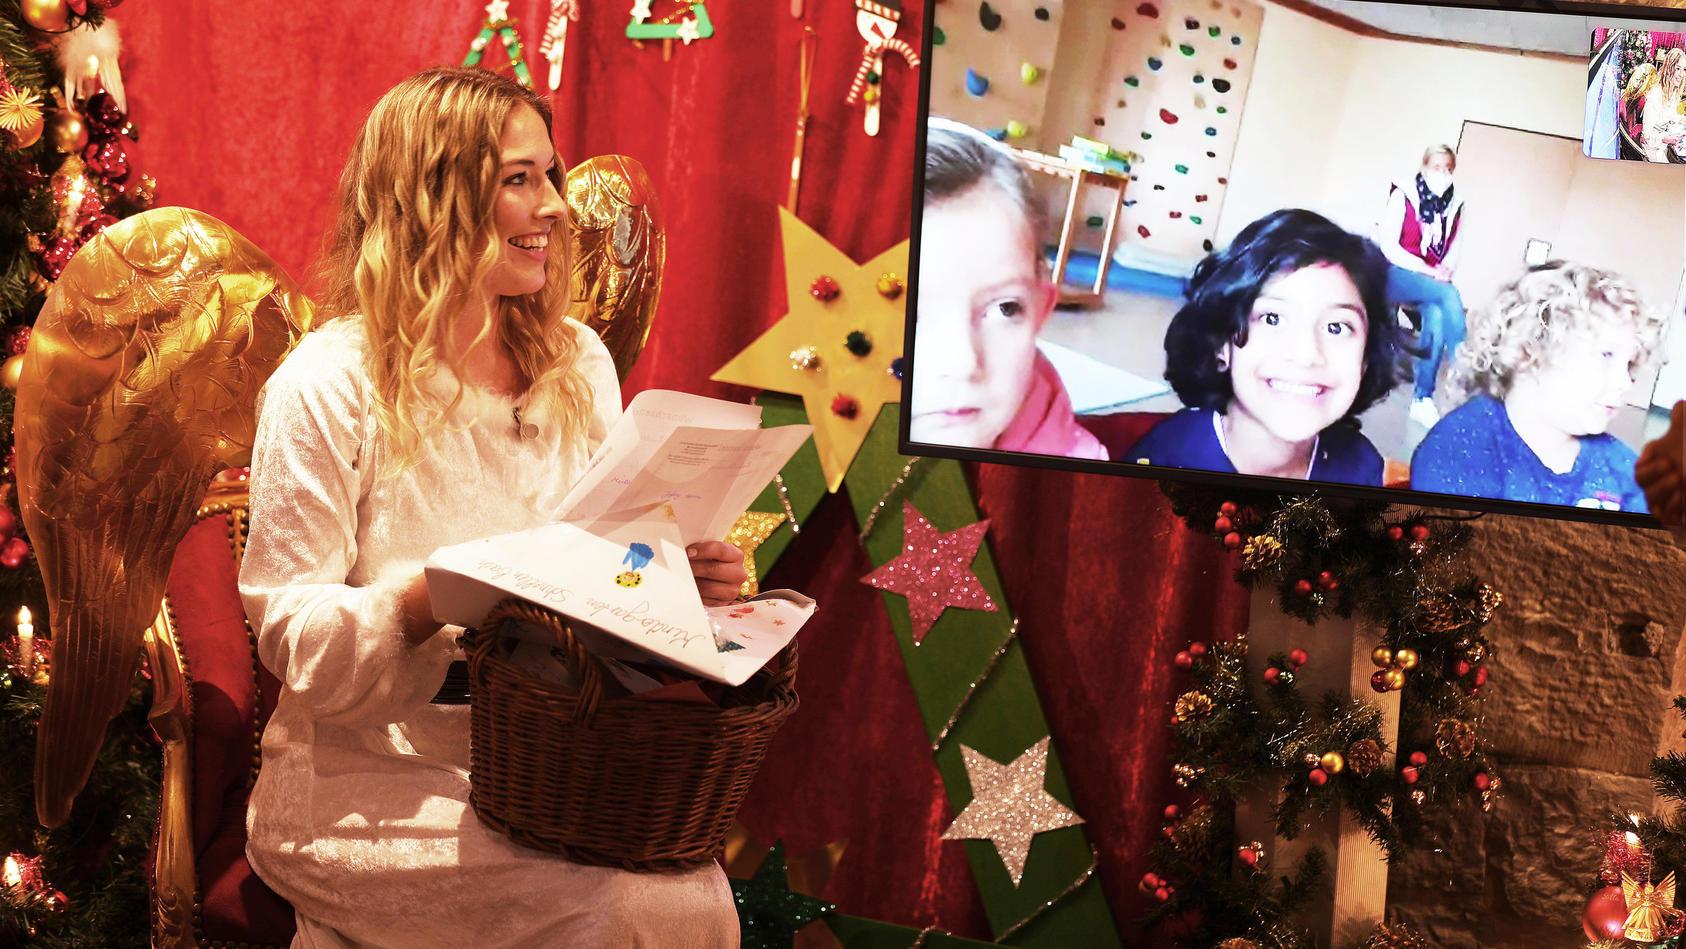 Aktuelle Bilder aus der Christkindpostfiliale in Engelskirchen.